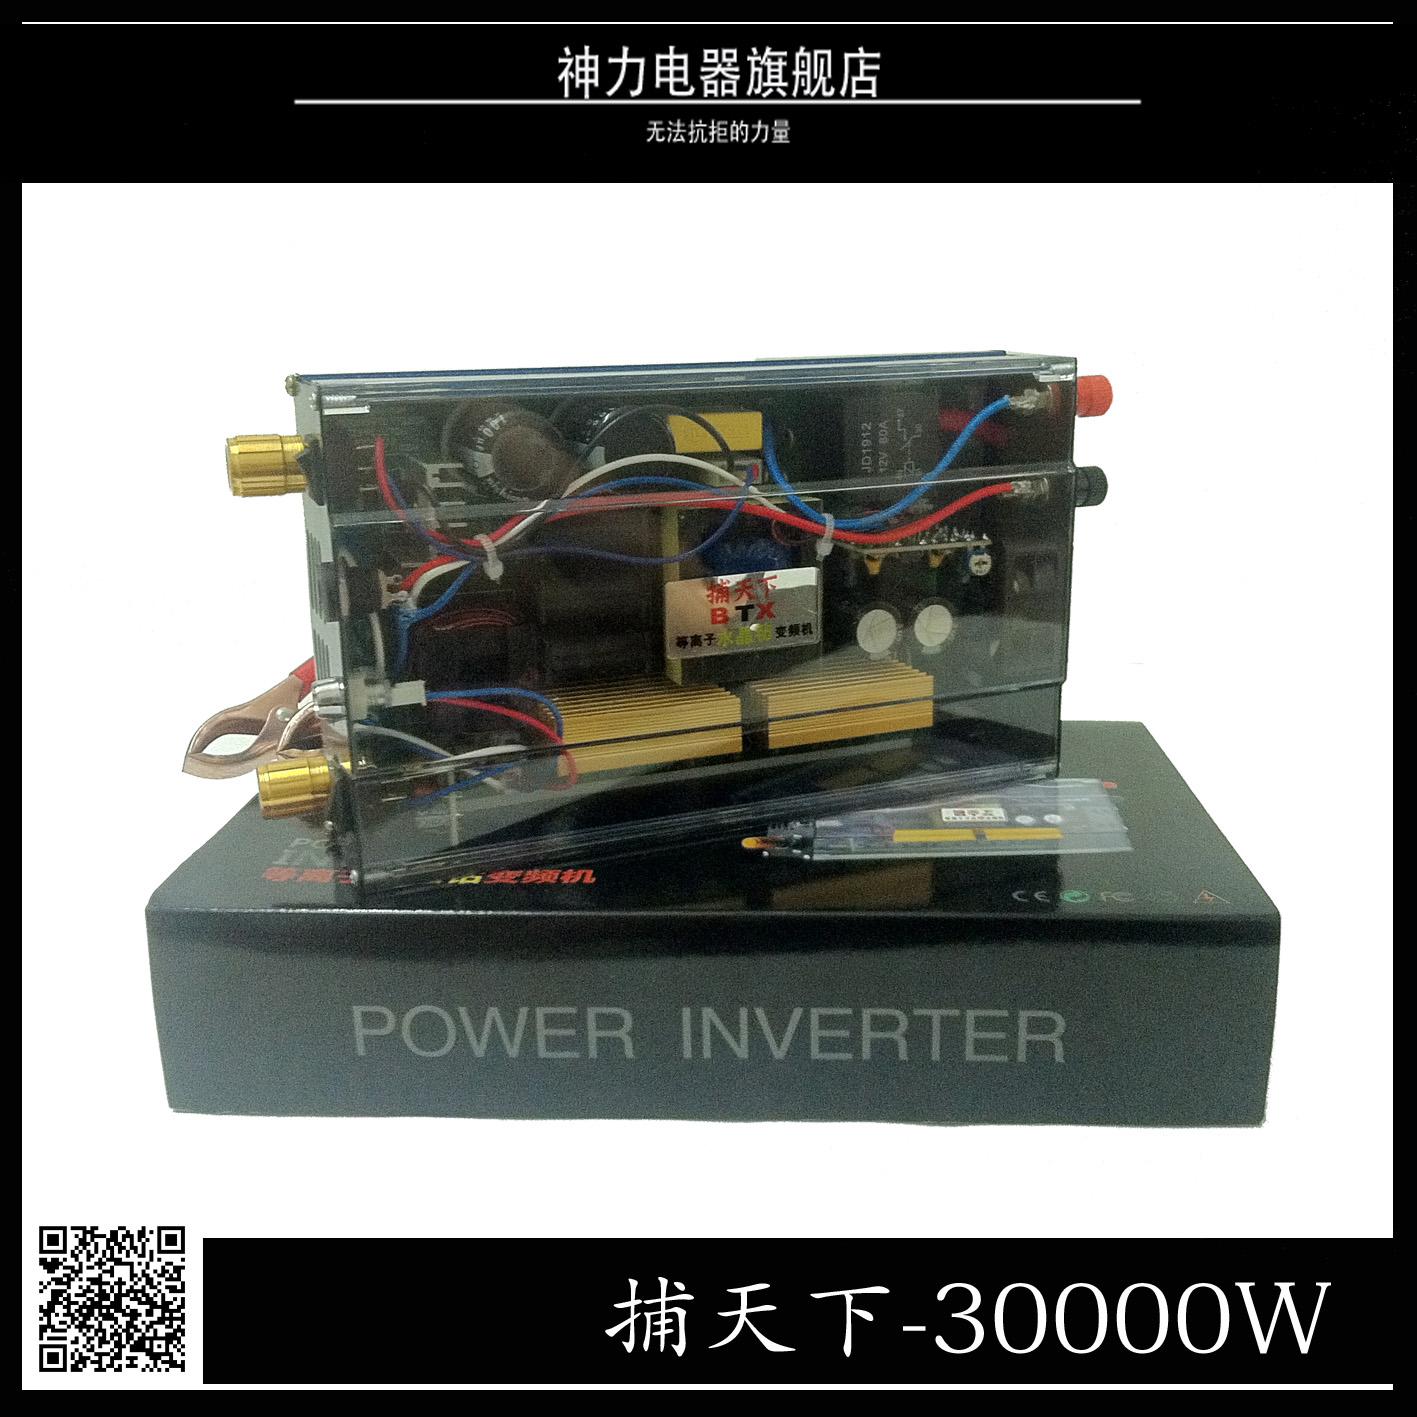 神力电器 捕天下30000W 超声波逆变器 吸力王超声波逆变器 价格:199.00